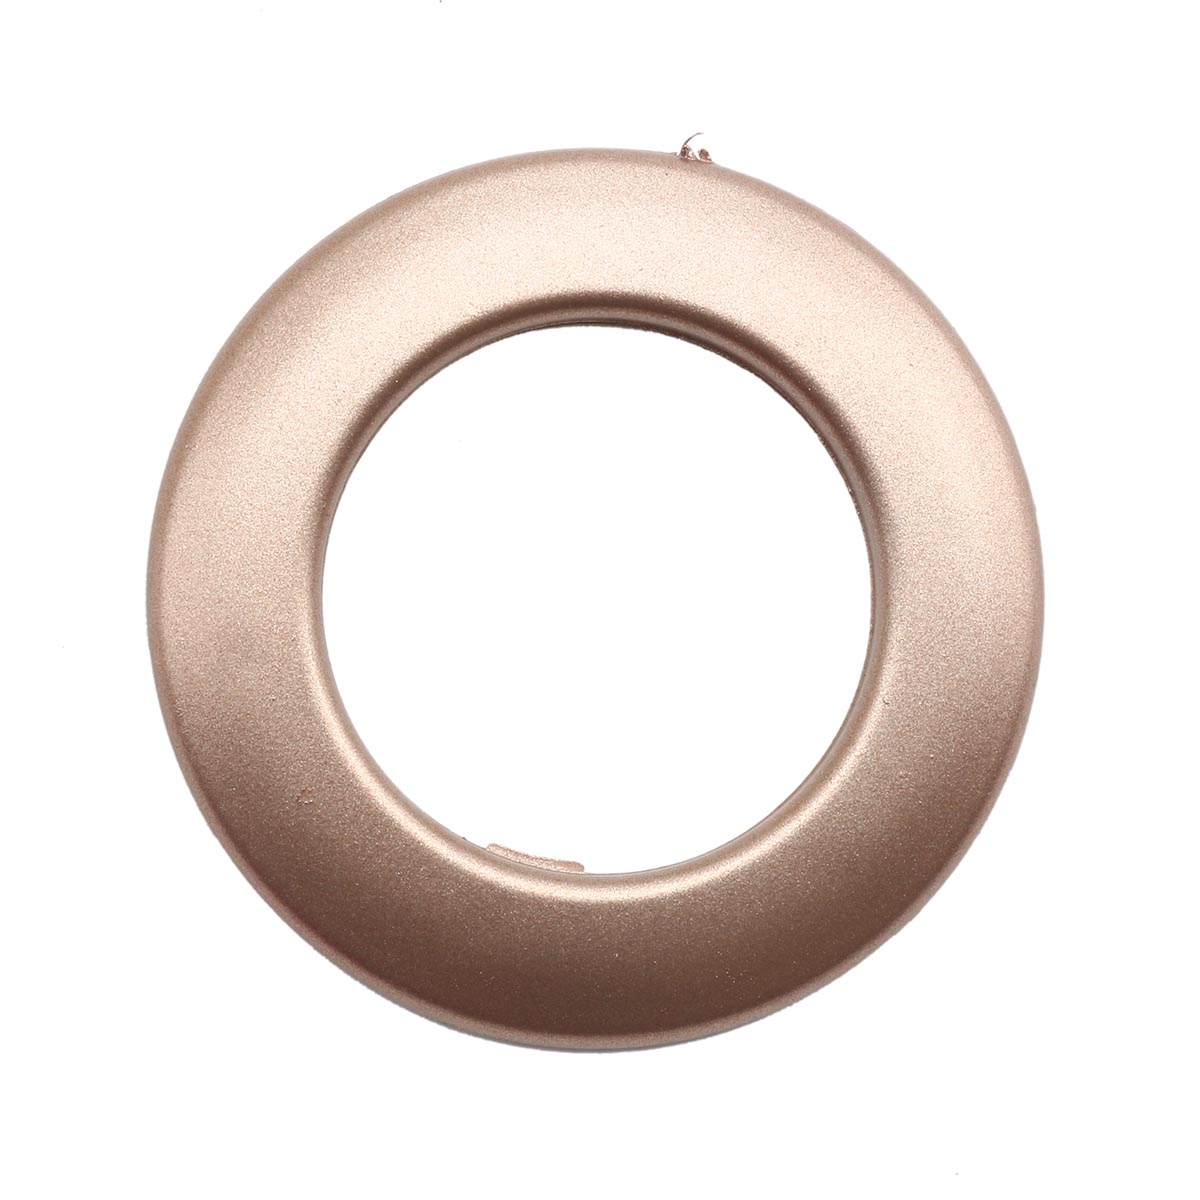 Люверс шторный, d 35 мм, бел.медь (16), упак./10 шт., Belladonna